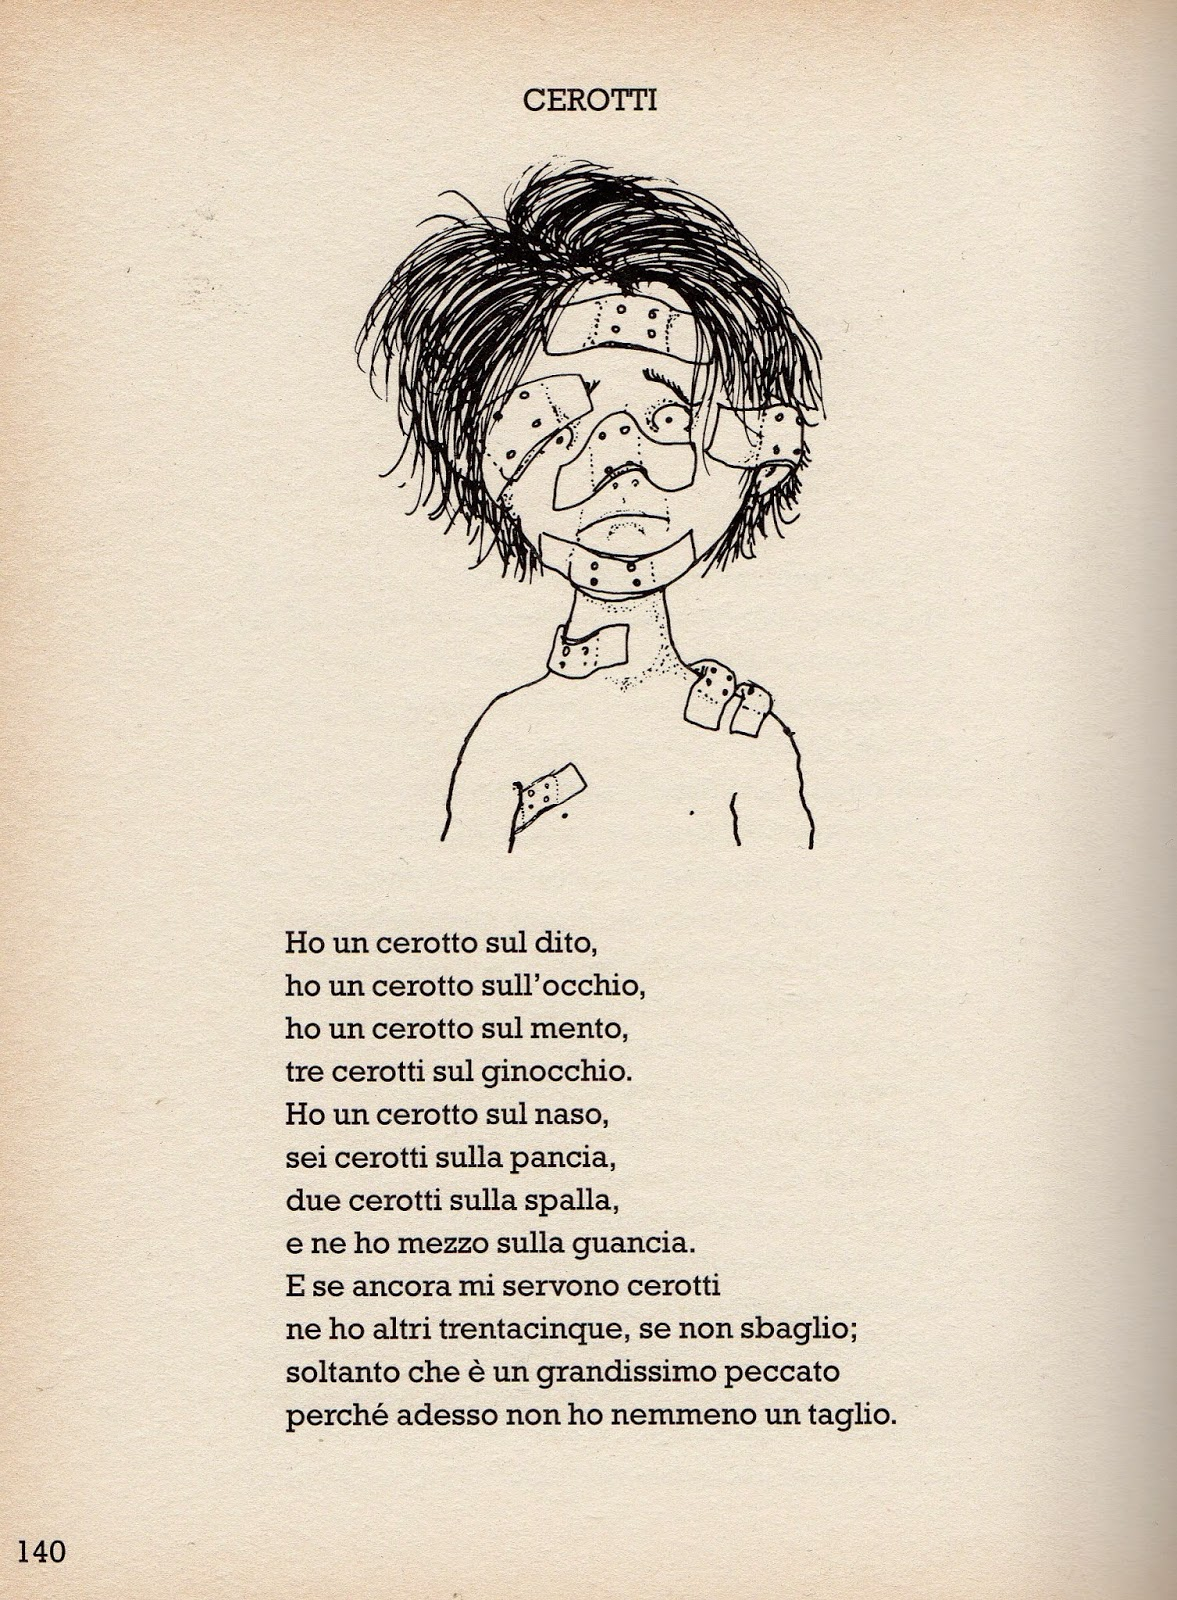 Eccezionale APEdario: Cerotti, h e poesie ME38